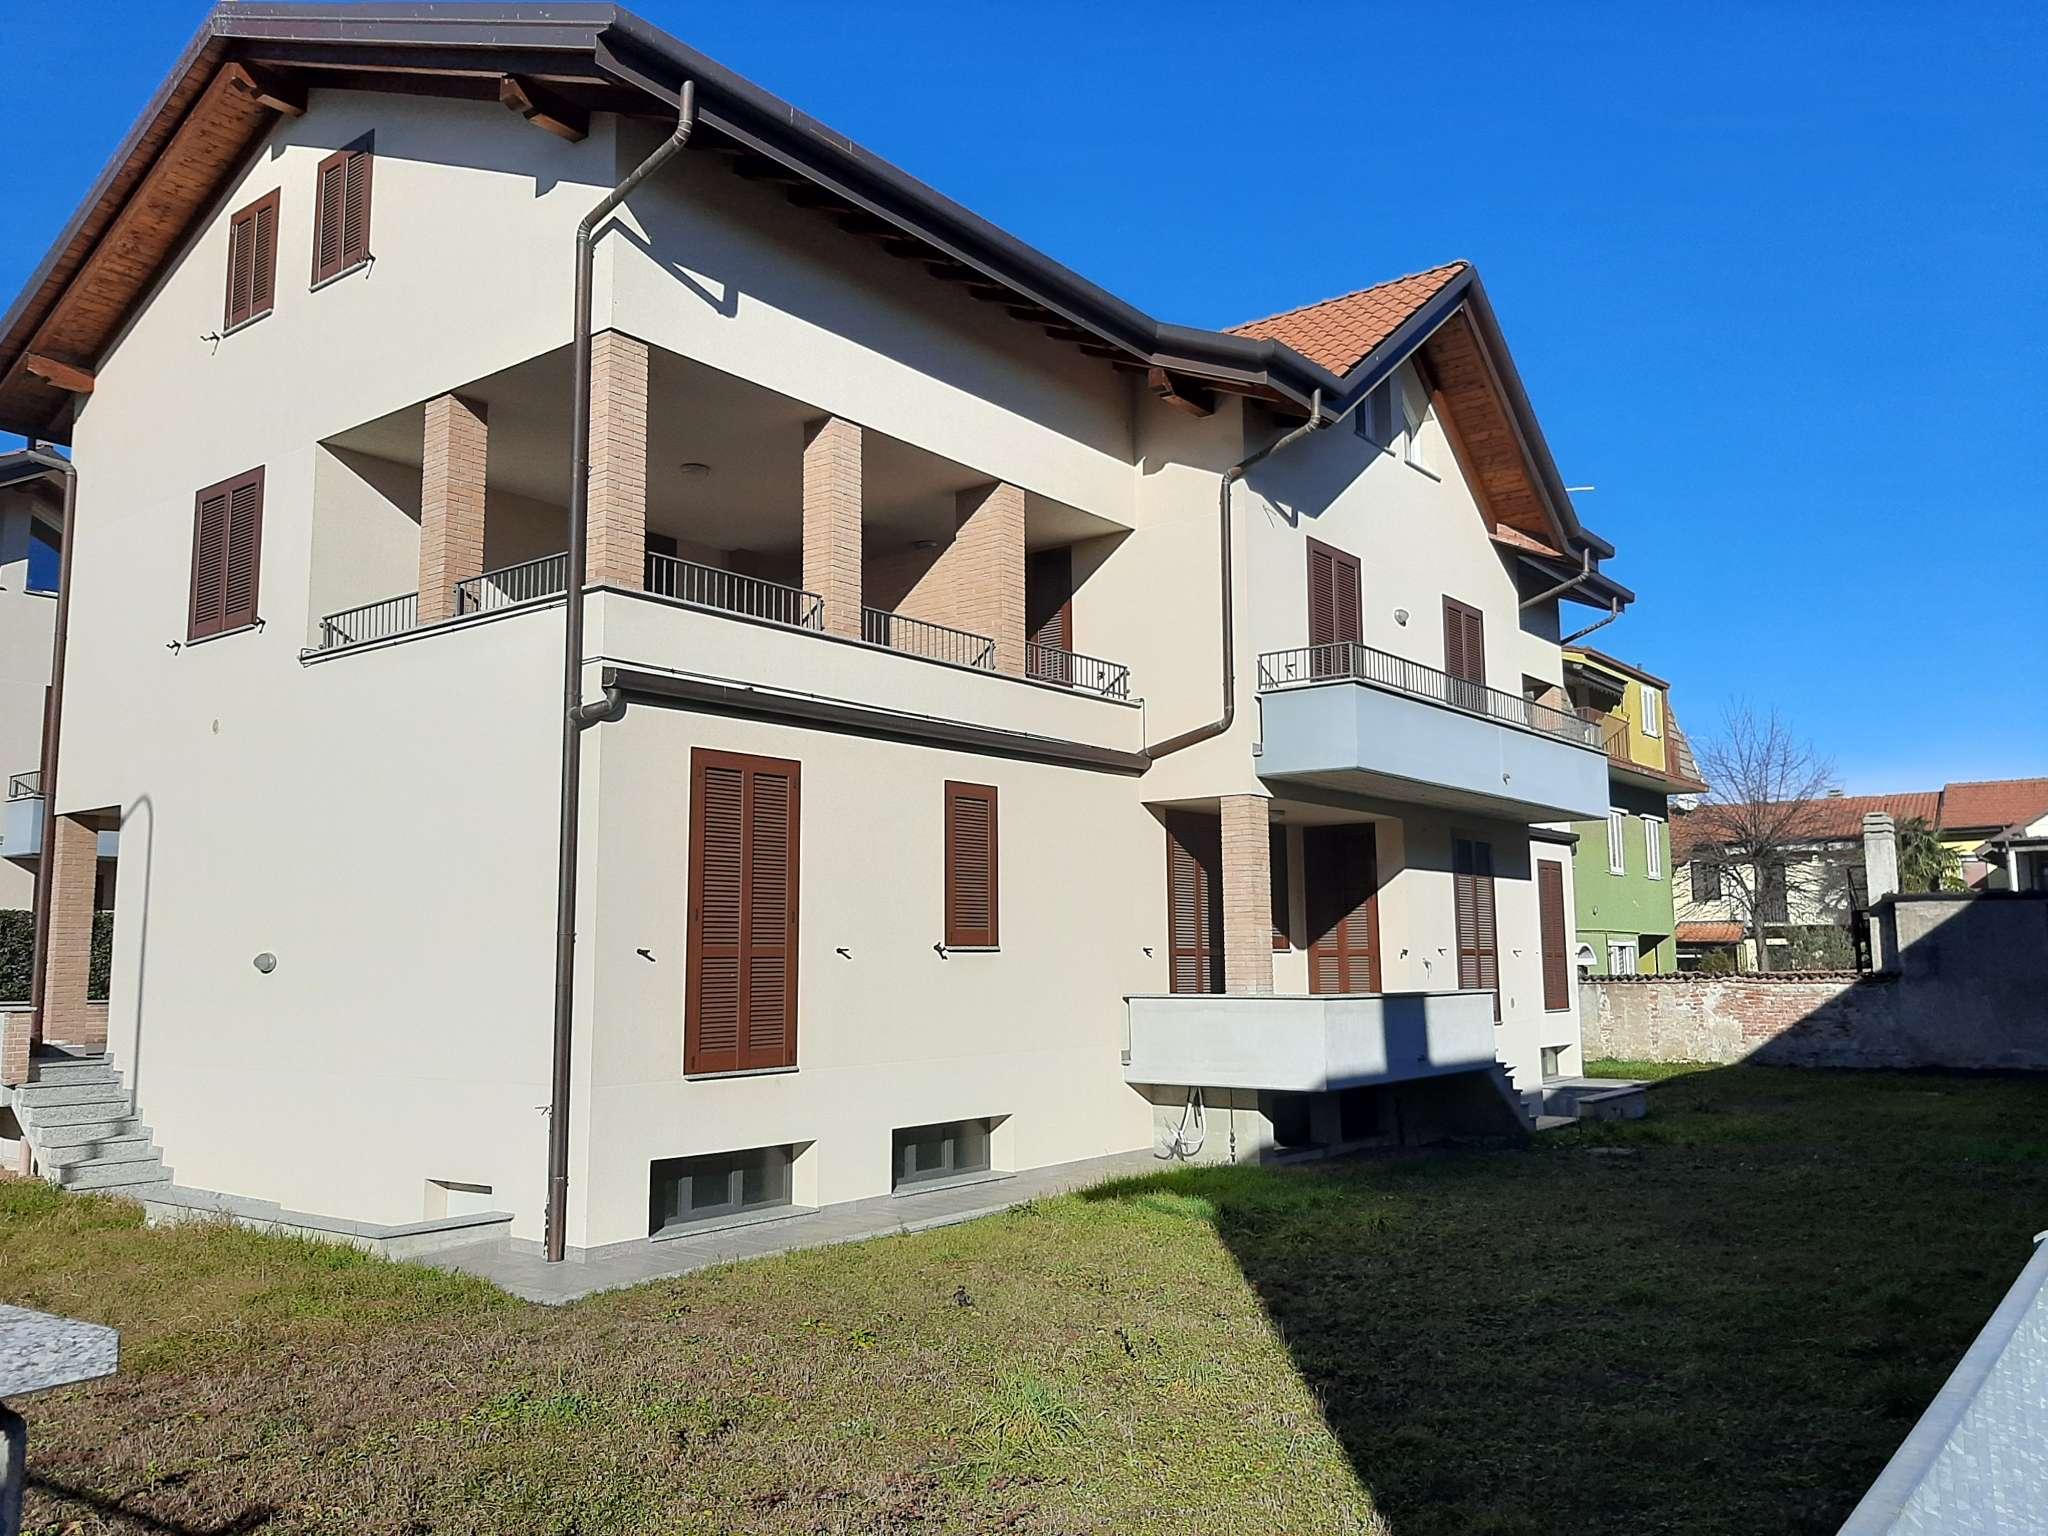 Appartamento in vendita a Buscate, 3 locali, prezzo € 200.000   PortaleAgenzieImmobiliari.it